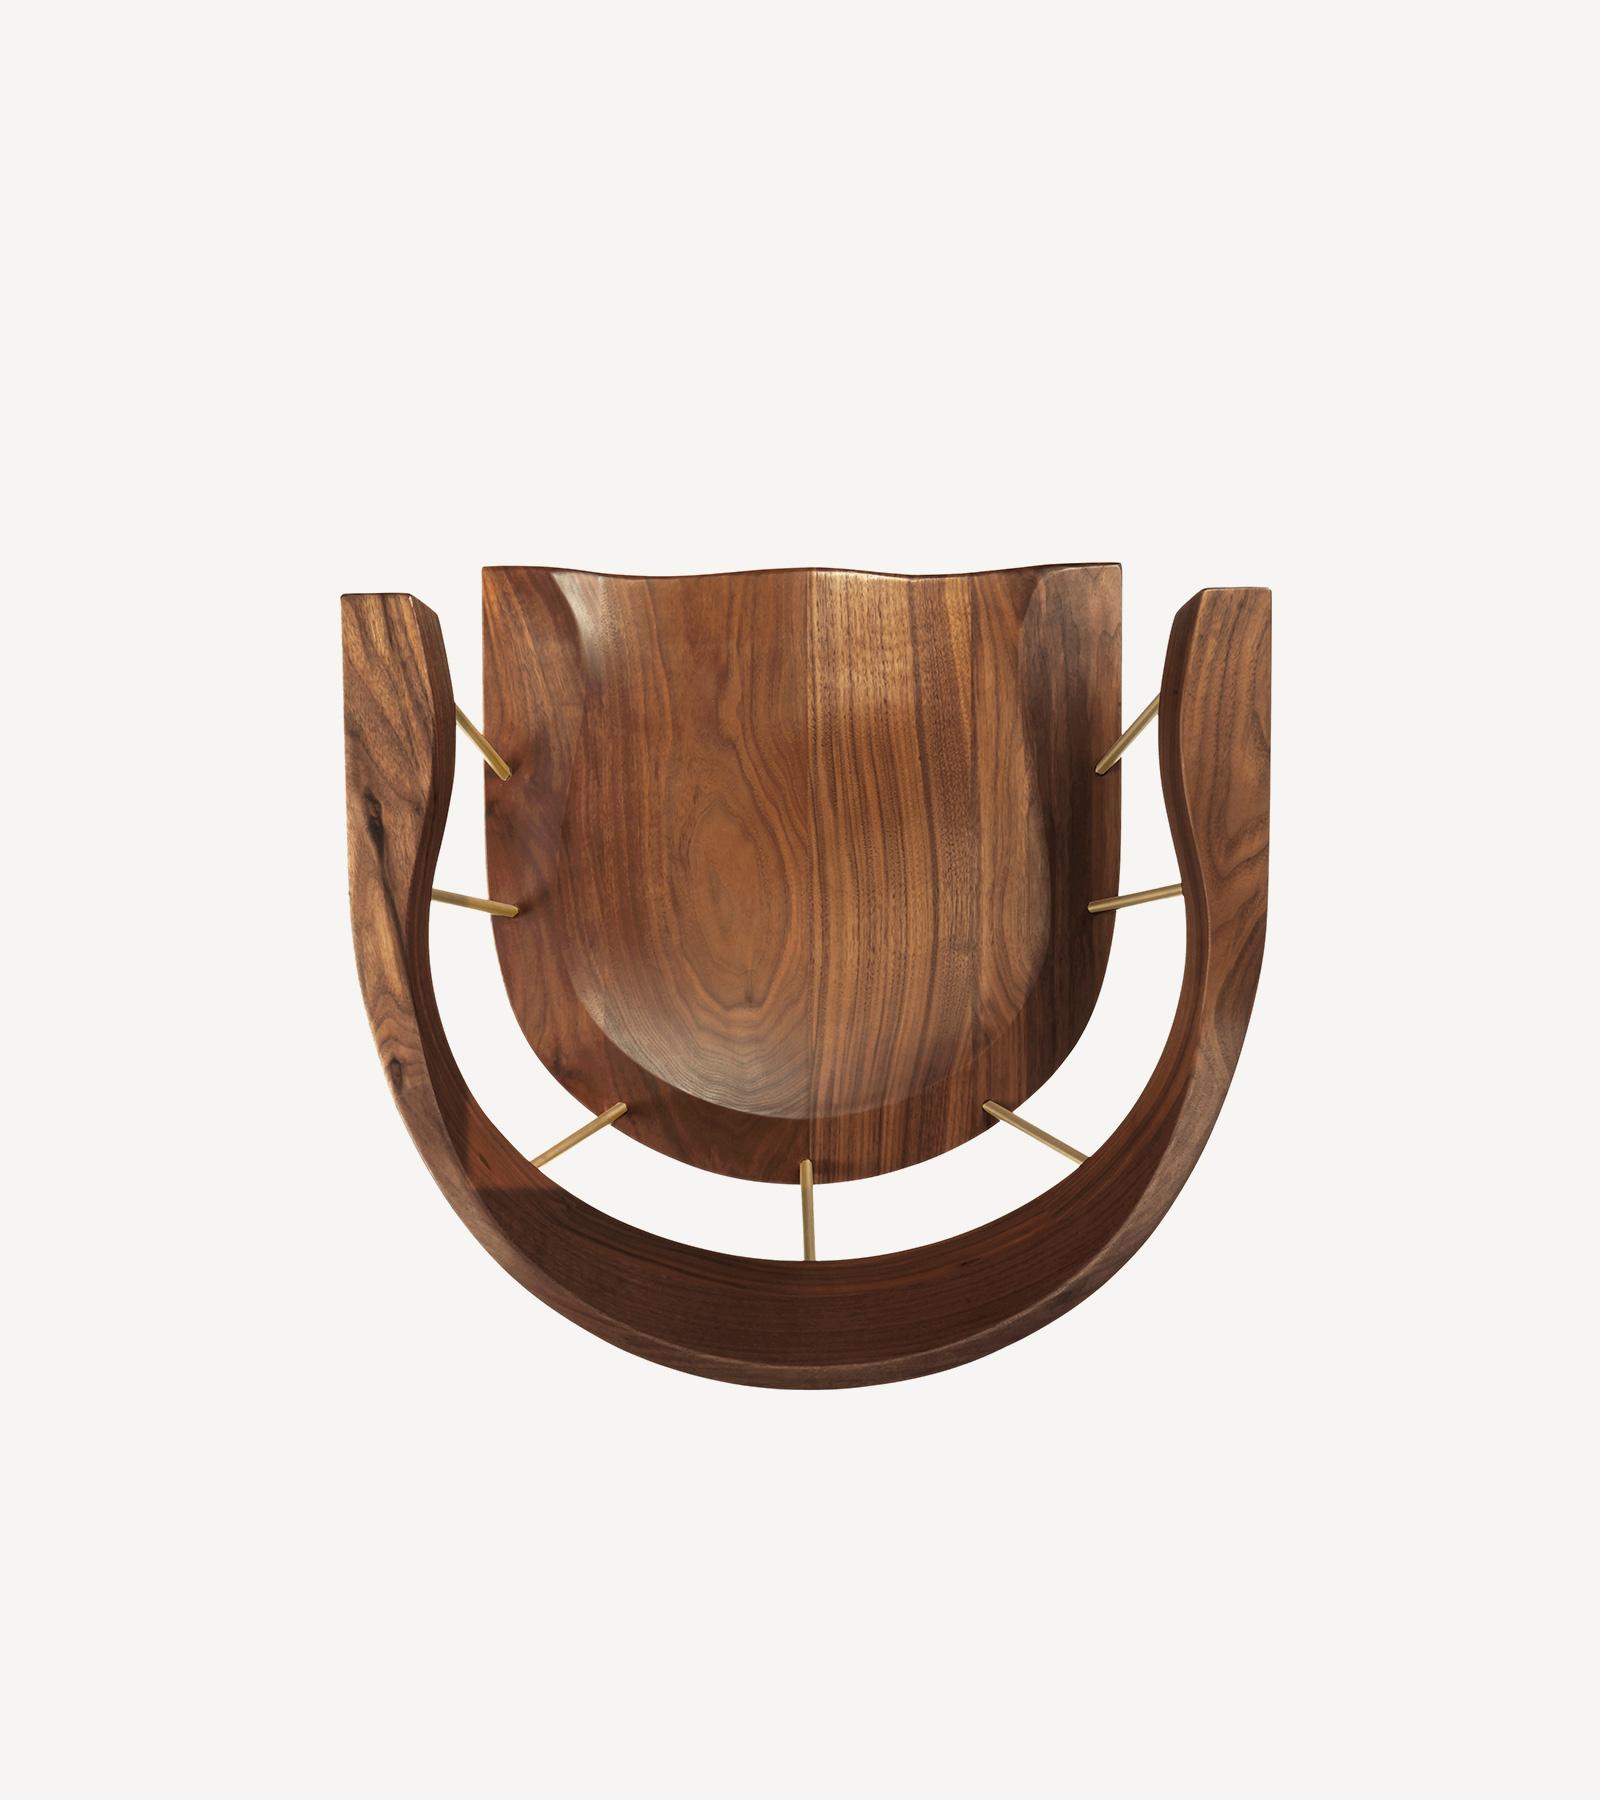 TinnappleMetz-bassamfellows-Spindle-Side-Chair-10